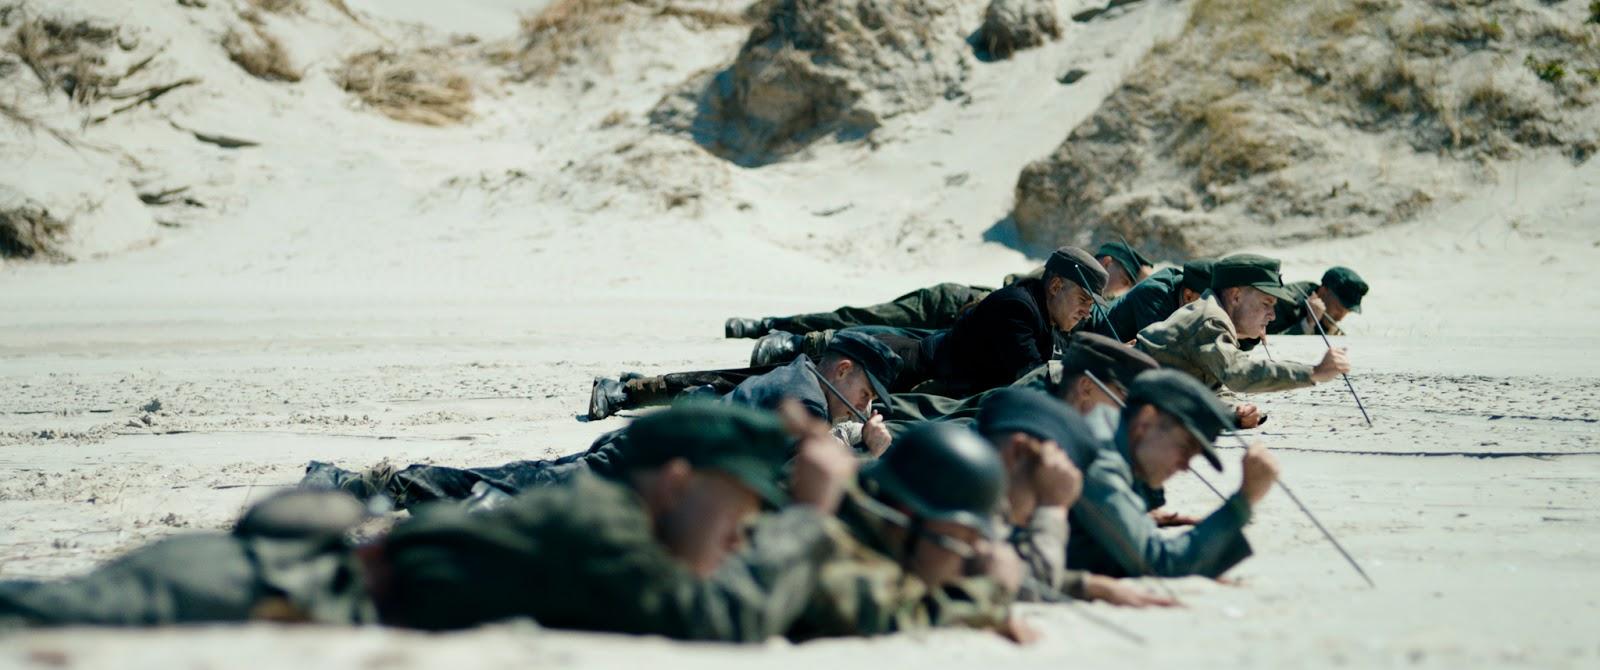 圖片來源:電影「十個拆彈的少年」劇照